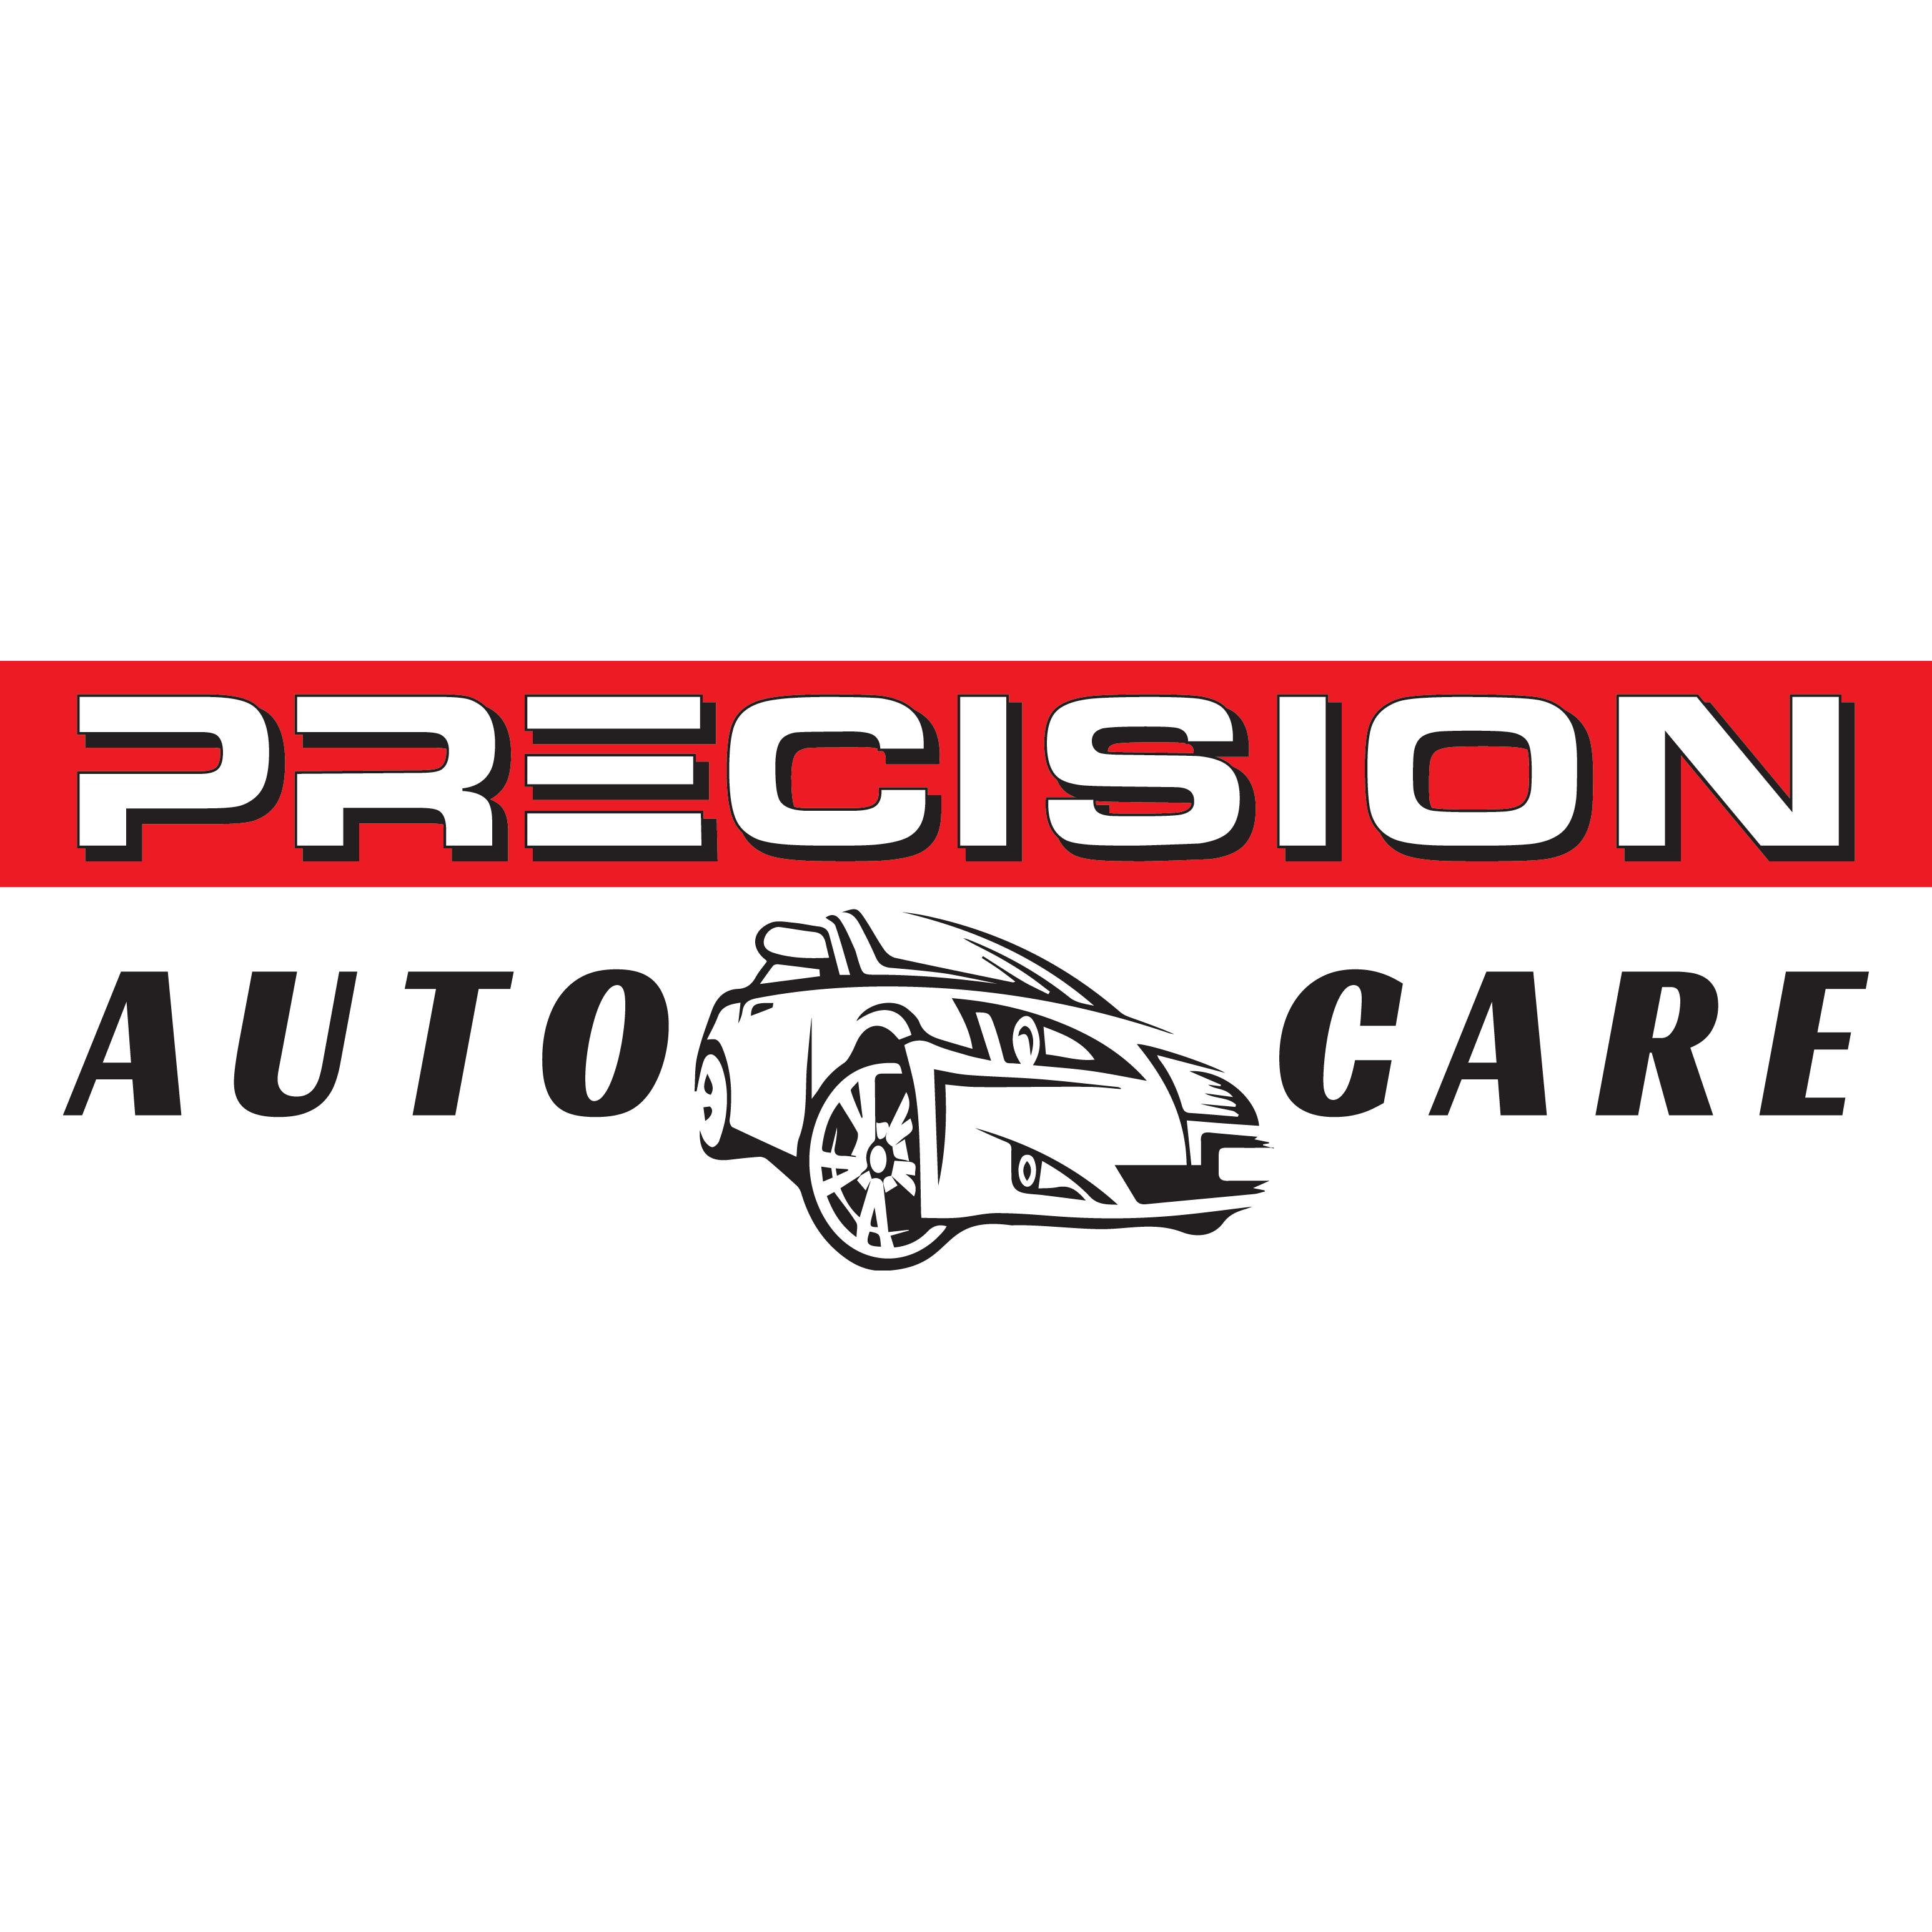 Precision Auto Care & Transmission